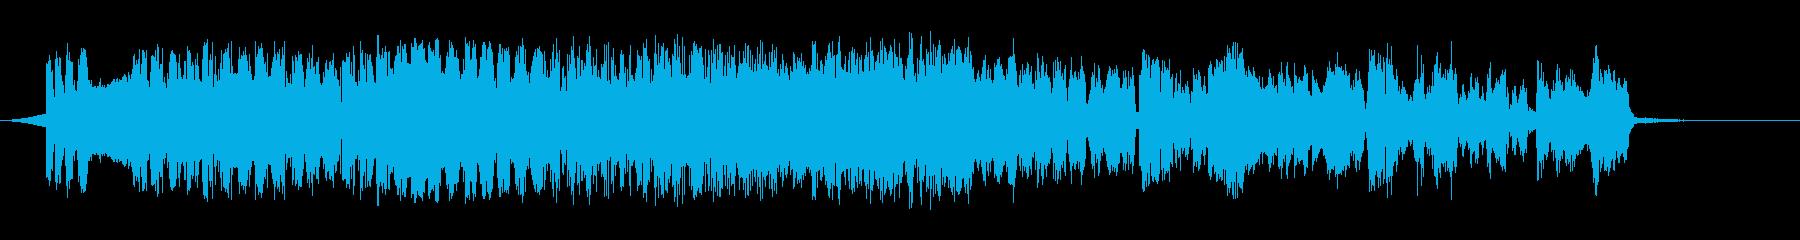 レトロスペースの再生済みの波形